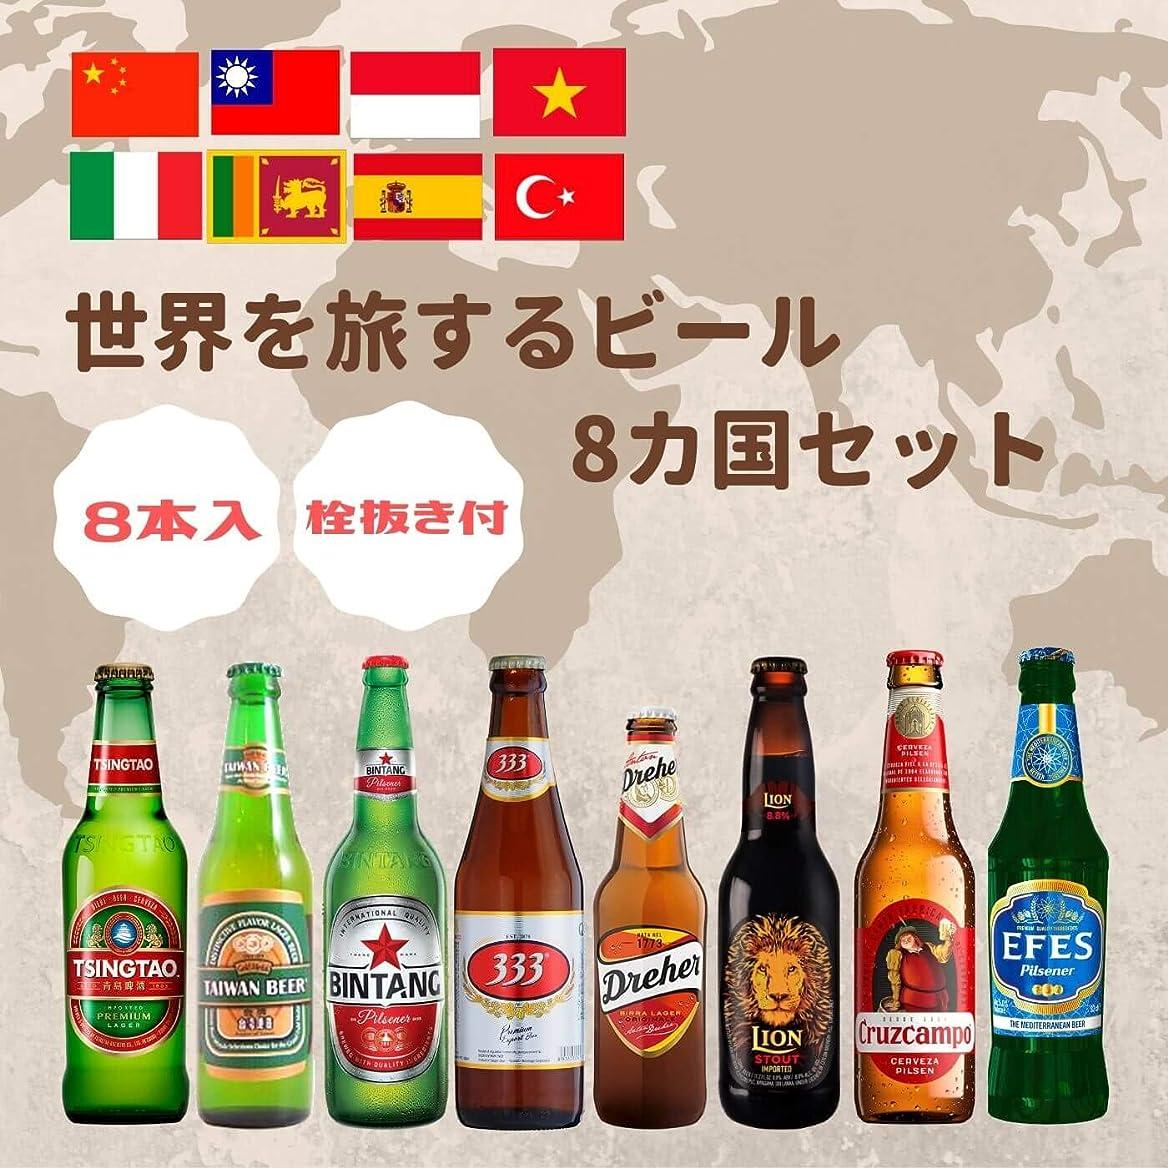 コメンテータースイ置くためにパック【WEB限定】世界を旅するビール 8ヶ国8本ギフトBOX【オープナー付】勤労感謝の日 クリスマス プレゼント 誕生日 ギフト